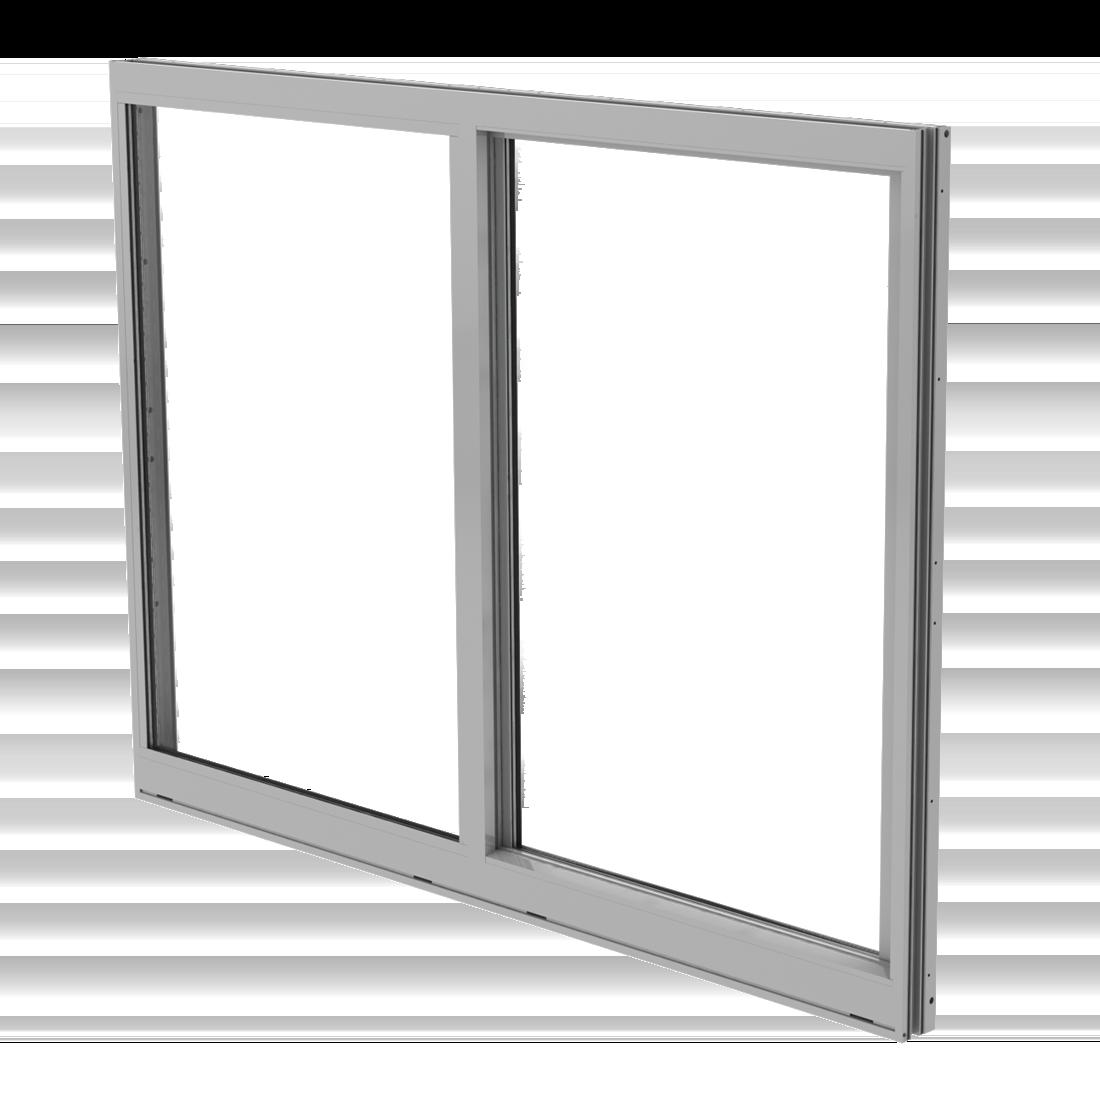 ES-SW340 Prestige sliding glass window